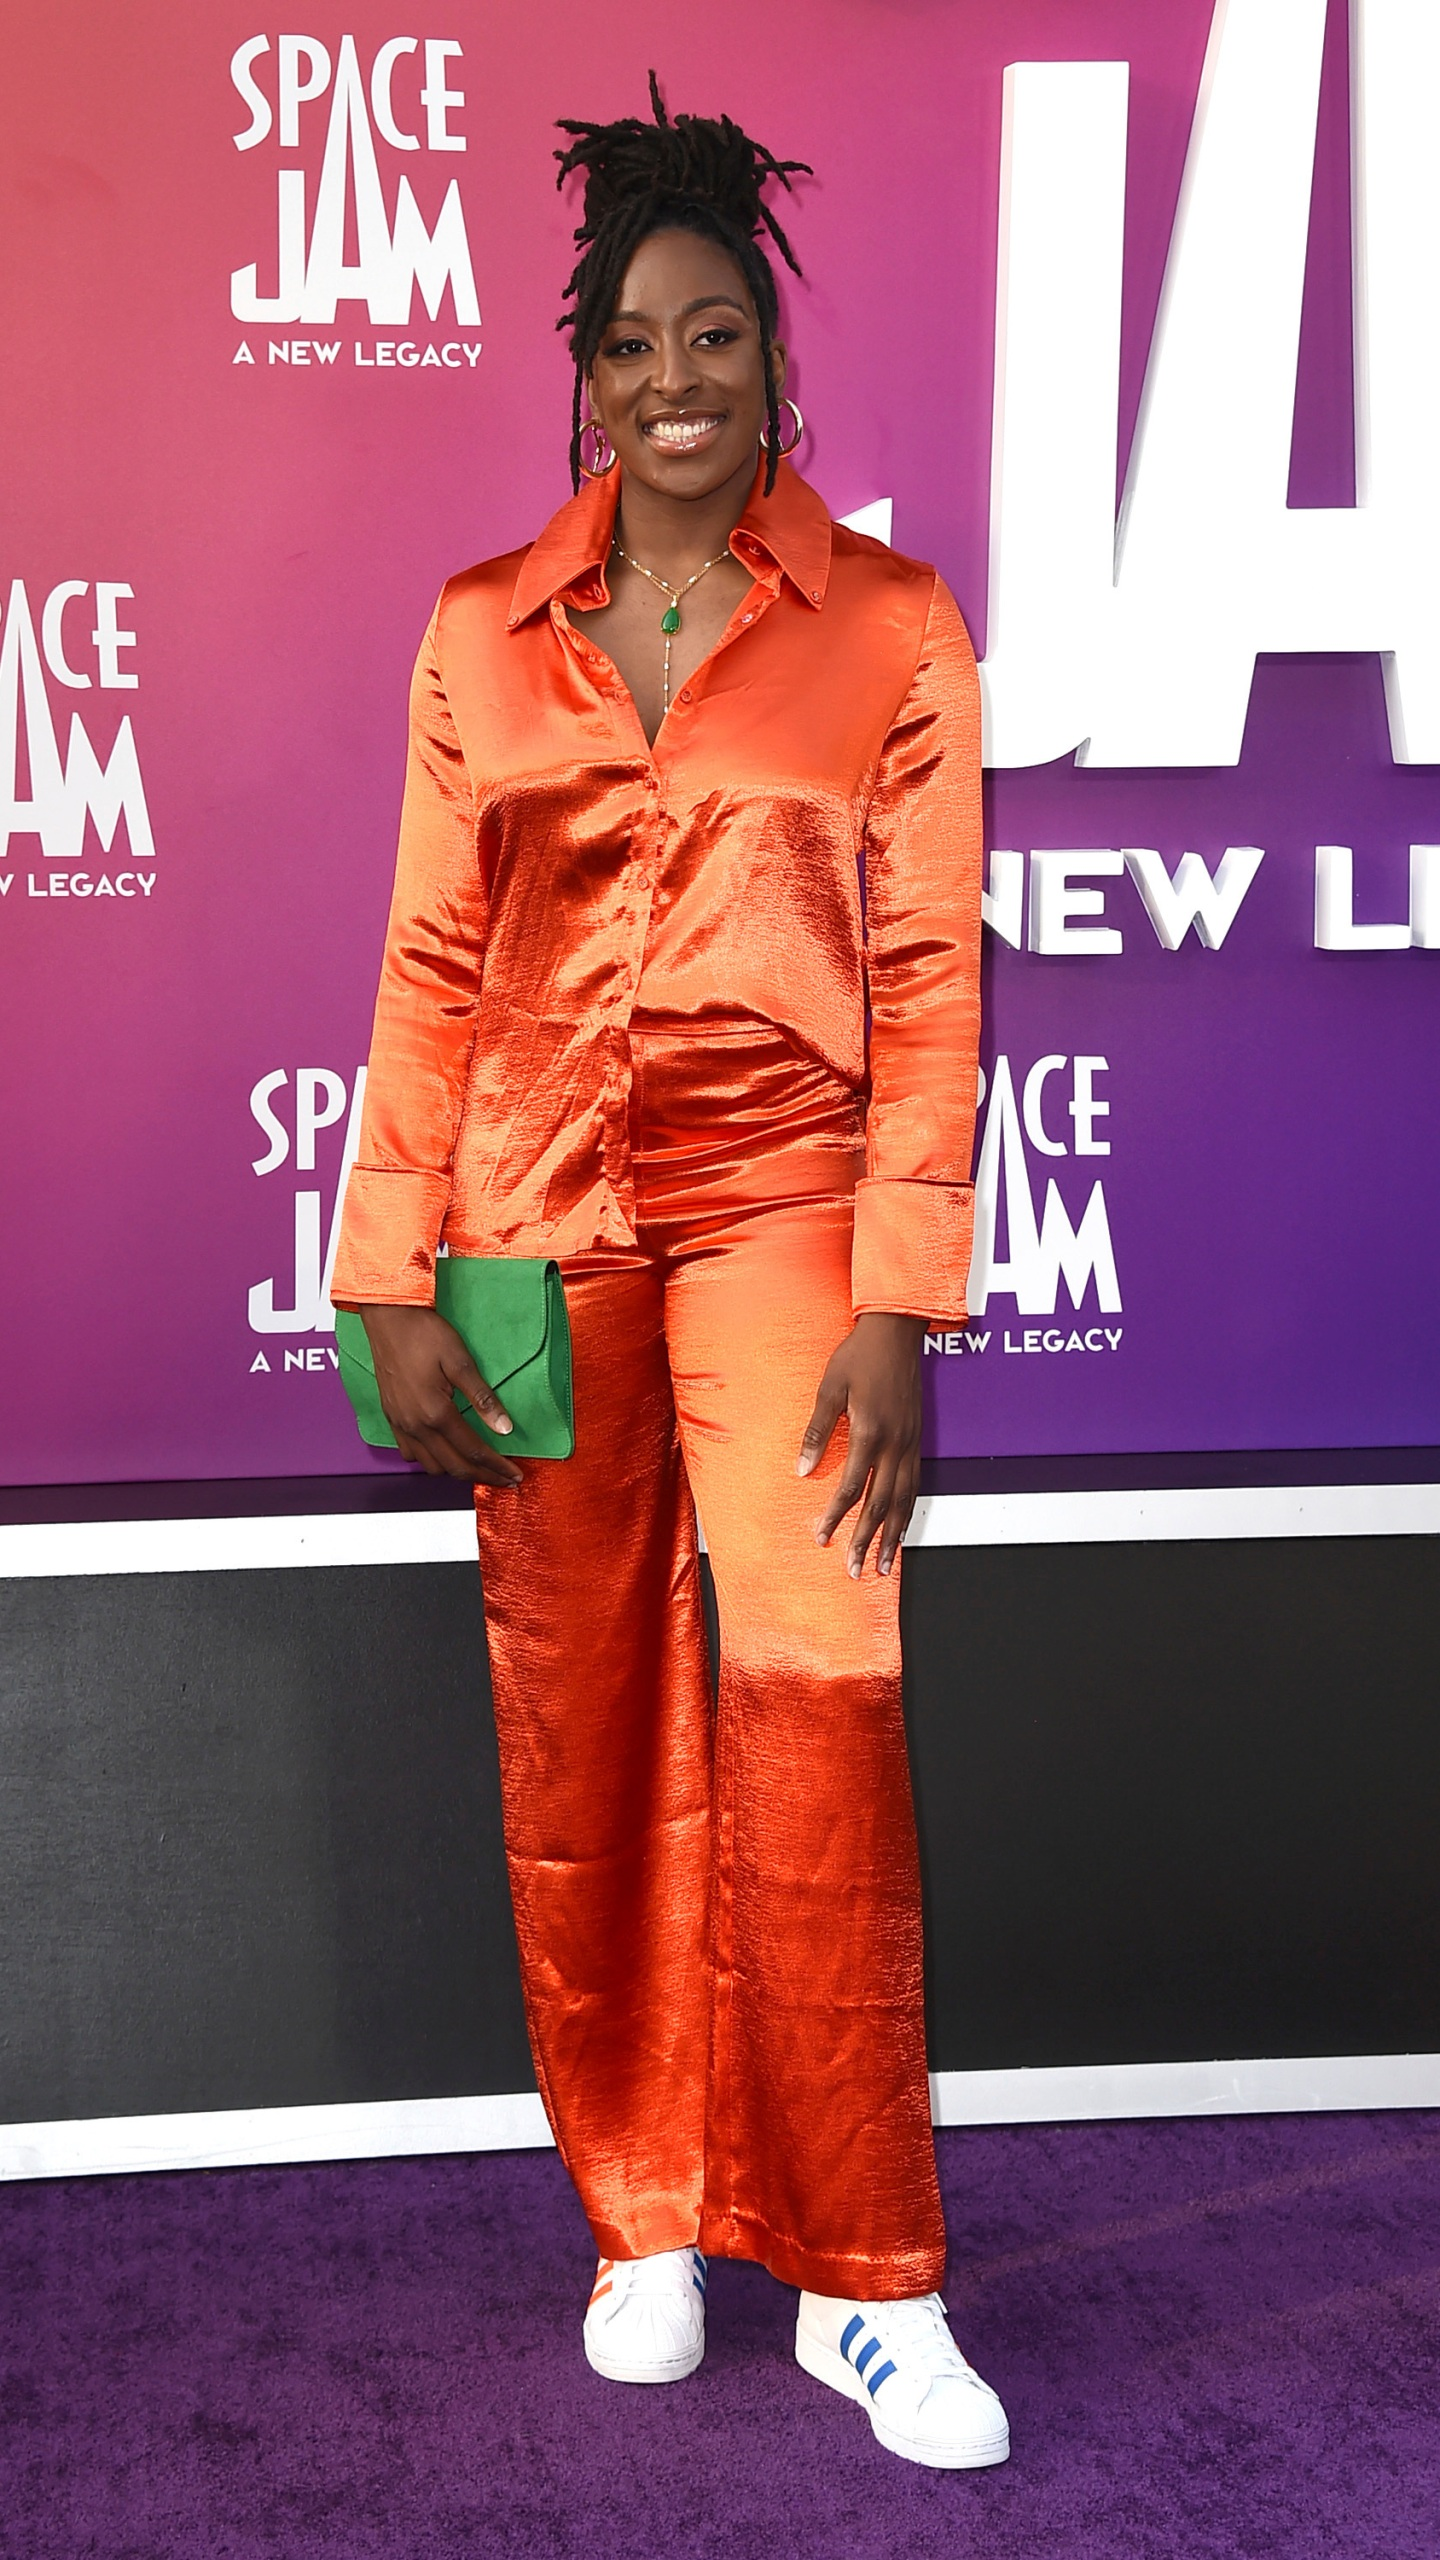 Nneka Ogwumike